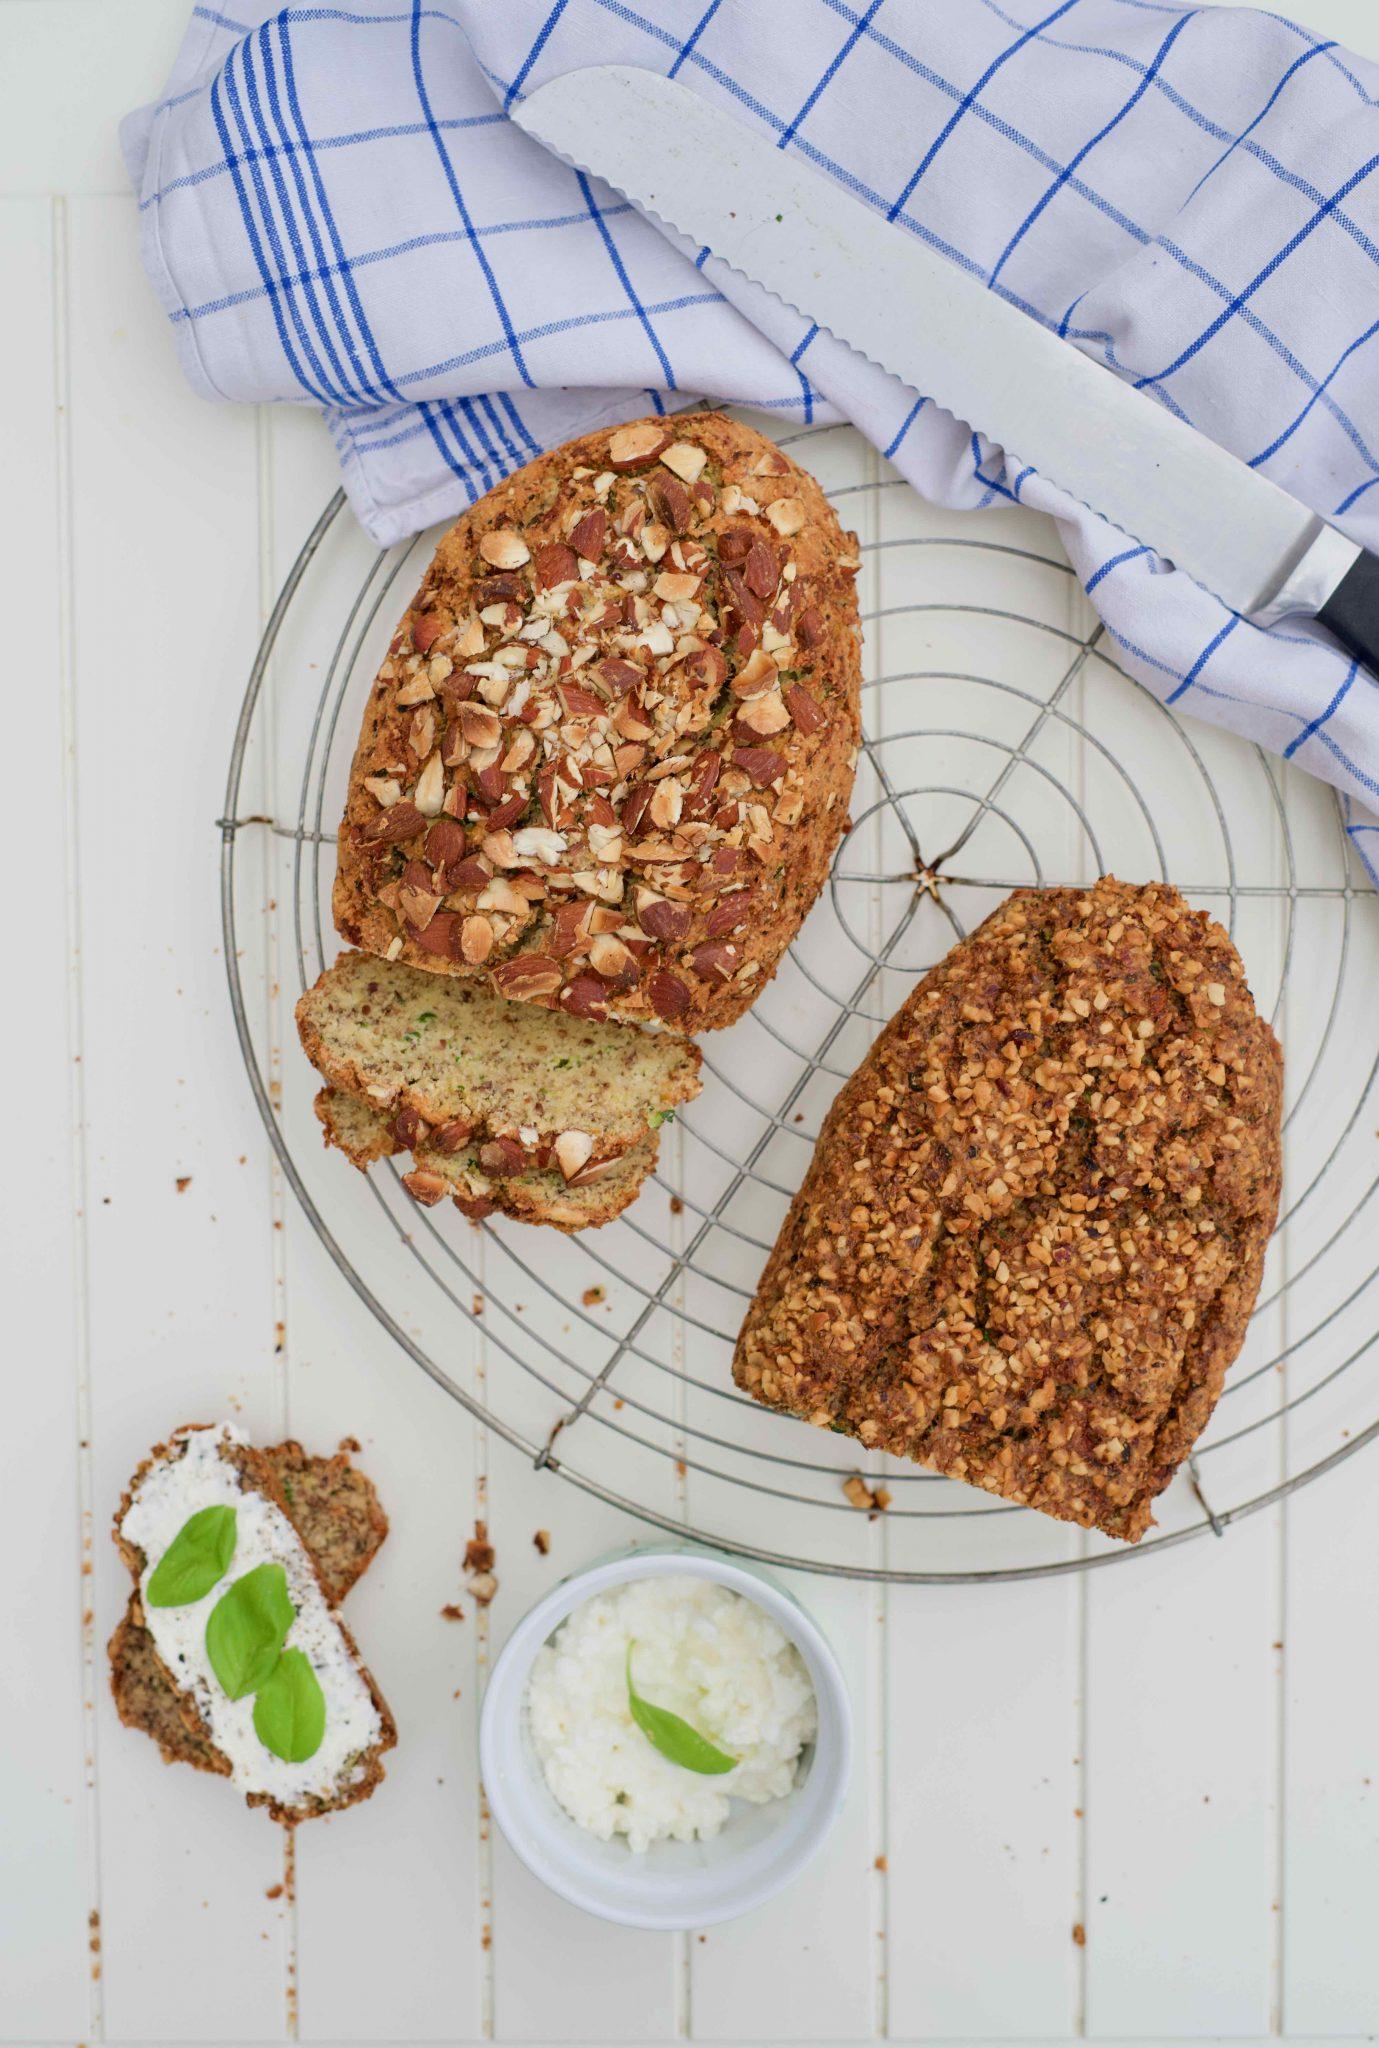 Low Carb Zucchini-Brot - Alltagsrezepte für den gesunden Start ins neue Jahr